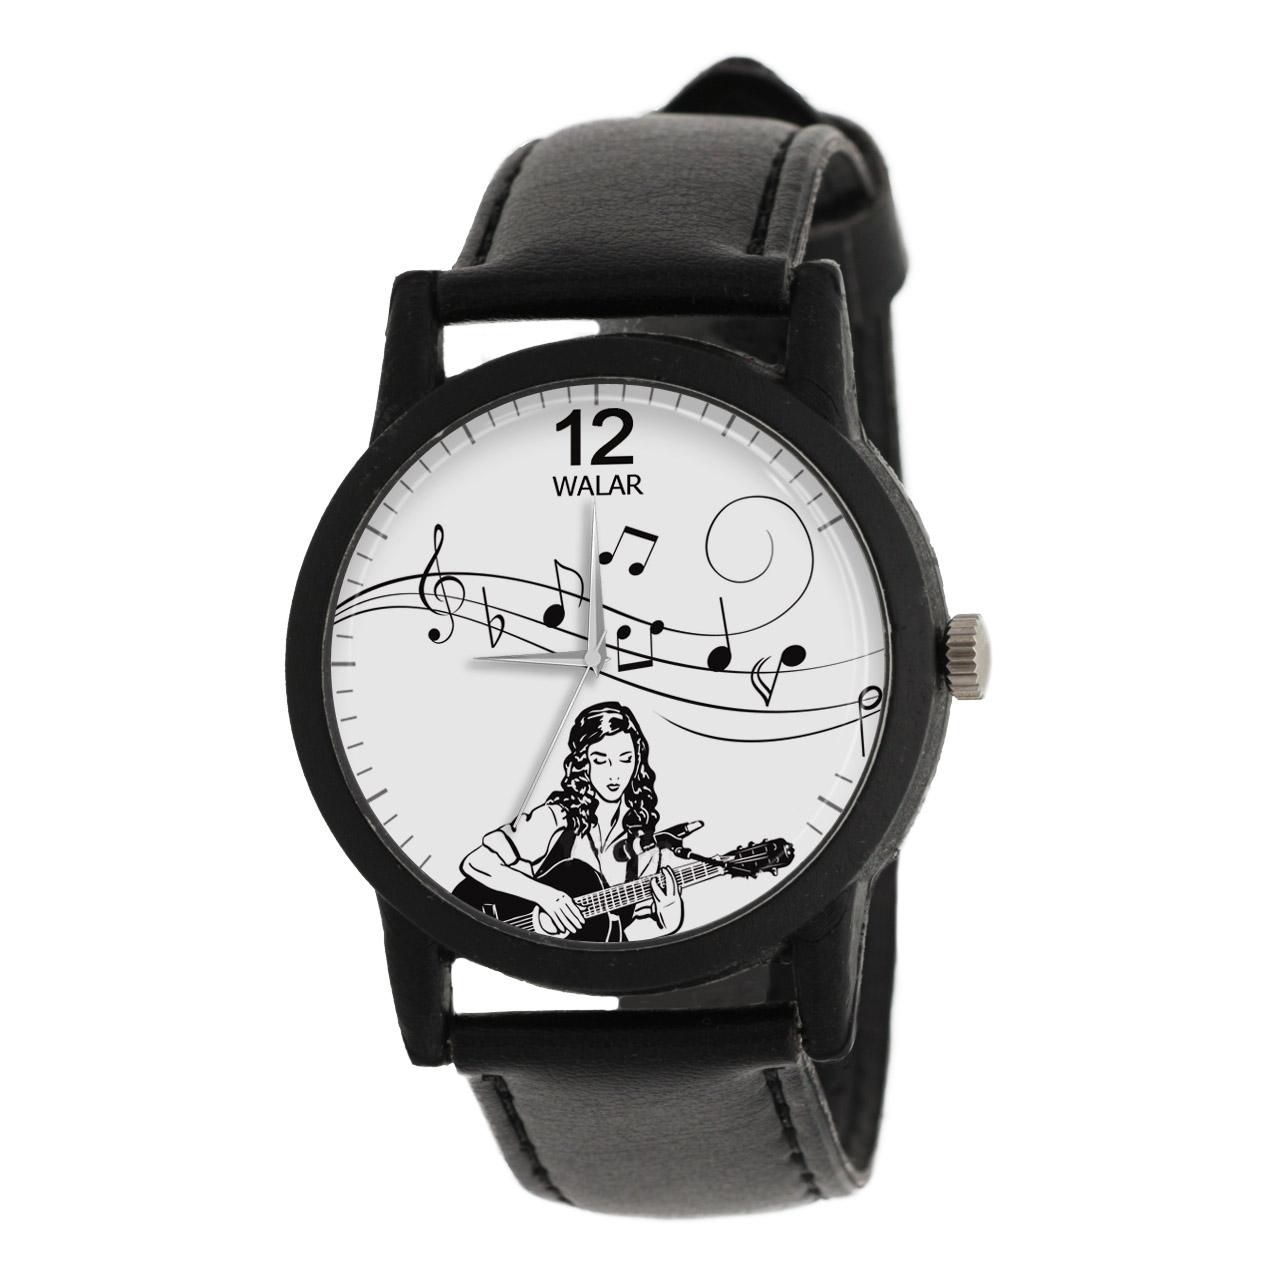 ساعت مچی عقربه ای زنانه والار طرح موسیقی مدل LF1331